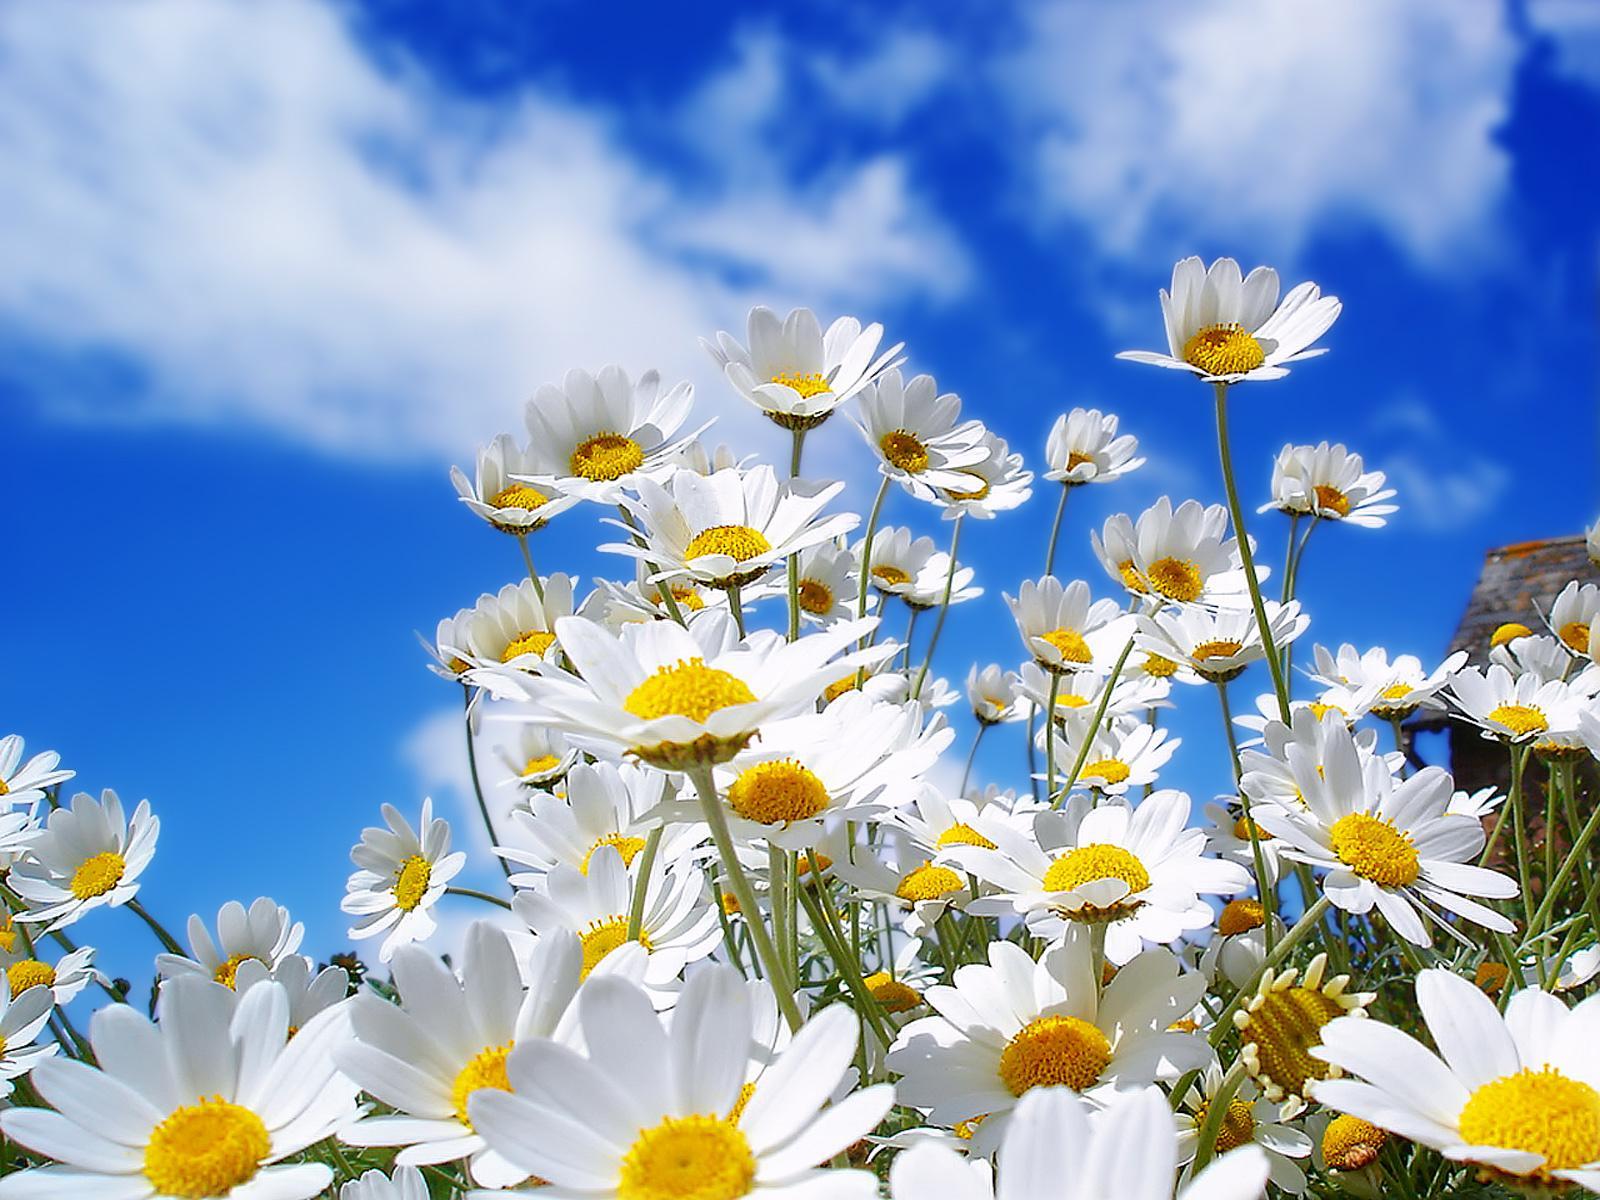 http://1.bp.blogspot.com/-r37uifDRlgY/T773PNwkNrI/AAAAAAAAFtI/hkRRTsH0bfU/s1600/spring-desktop-wallpapers-04.jpg